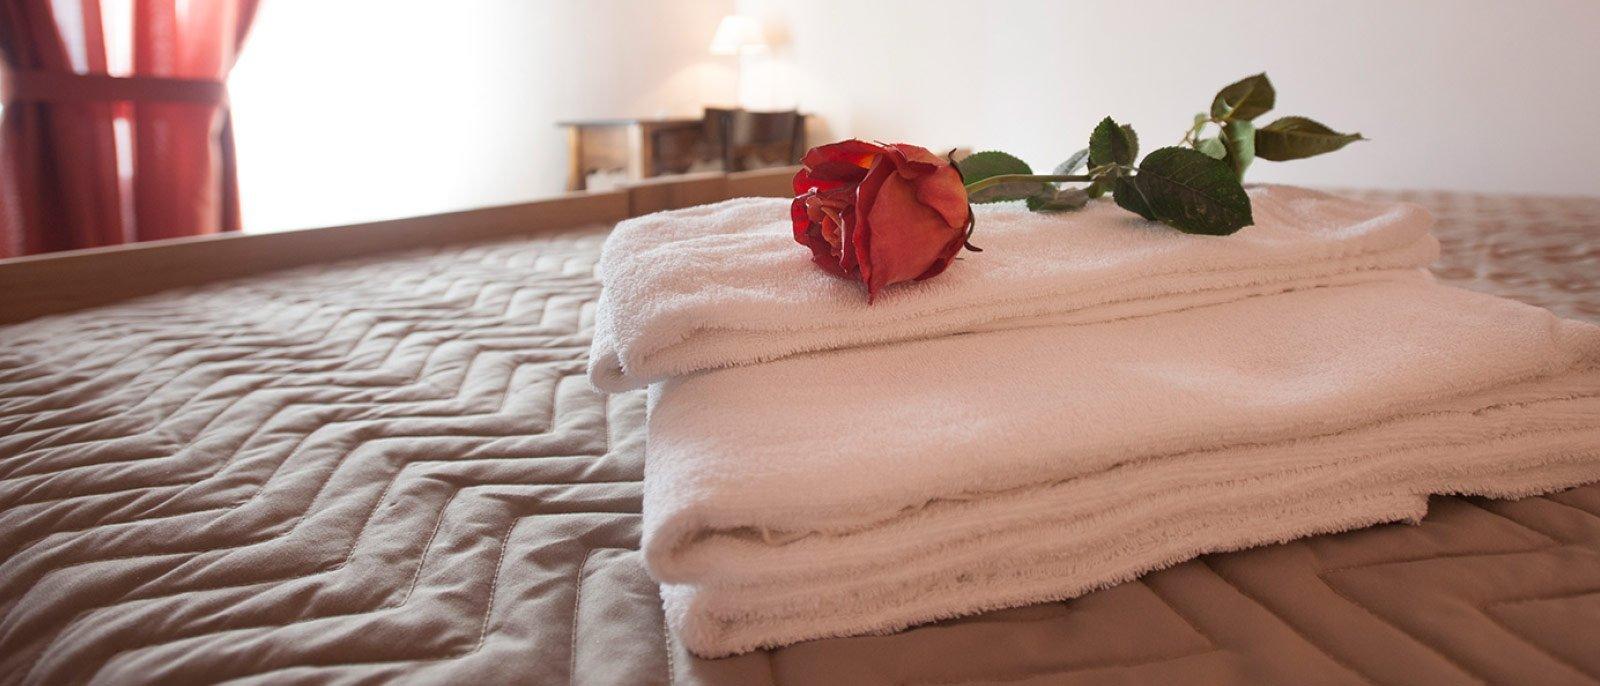 La Rosa nel borgo - Appartamenti e campeggio a La Morra